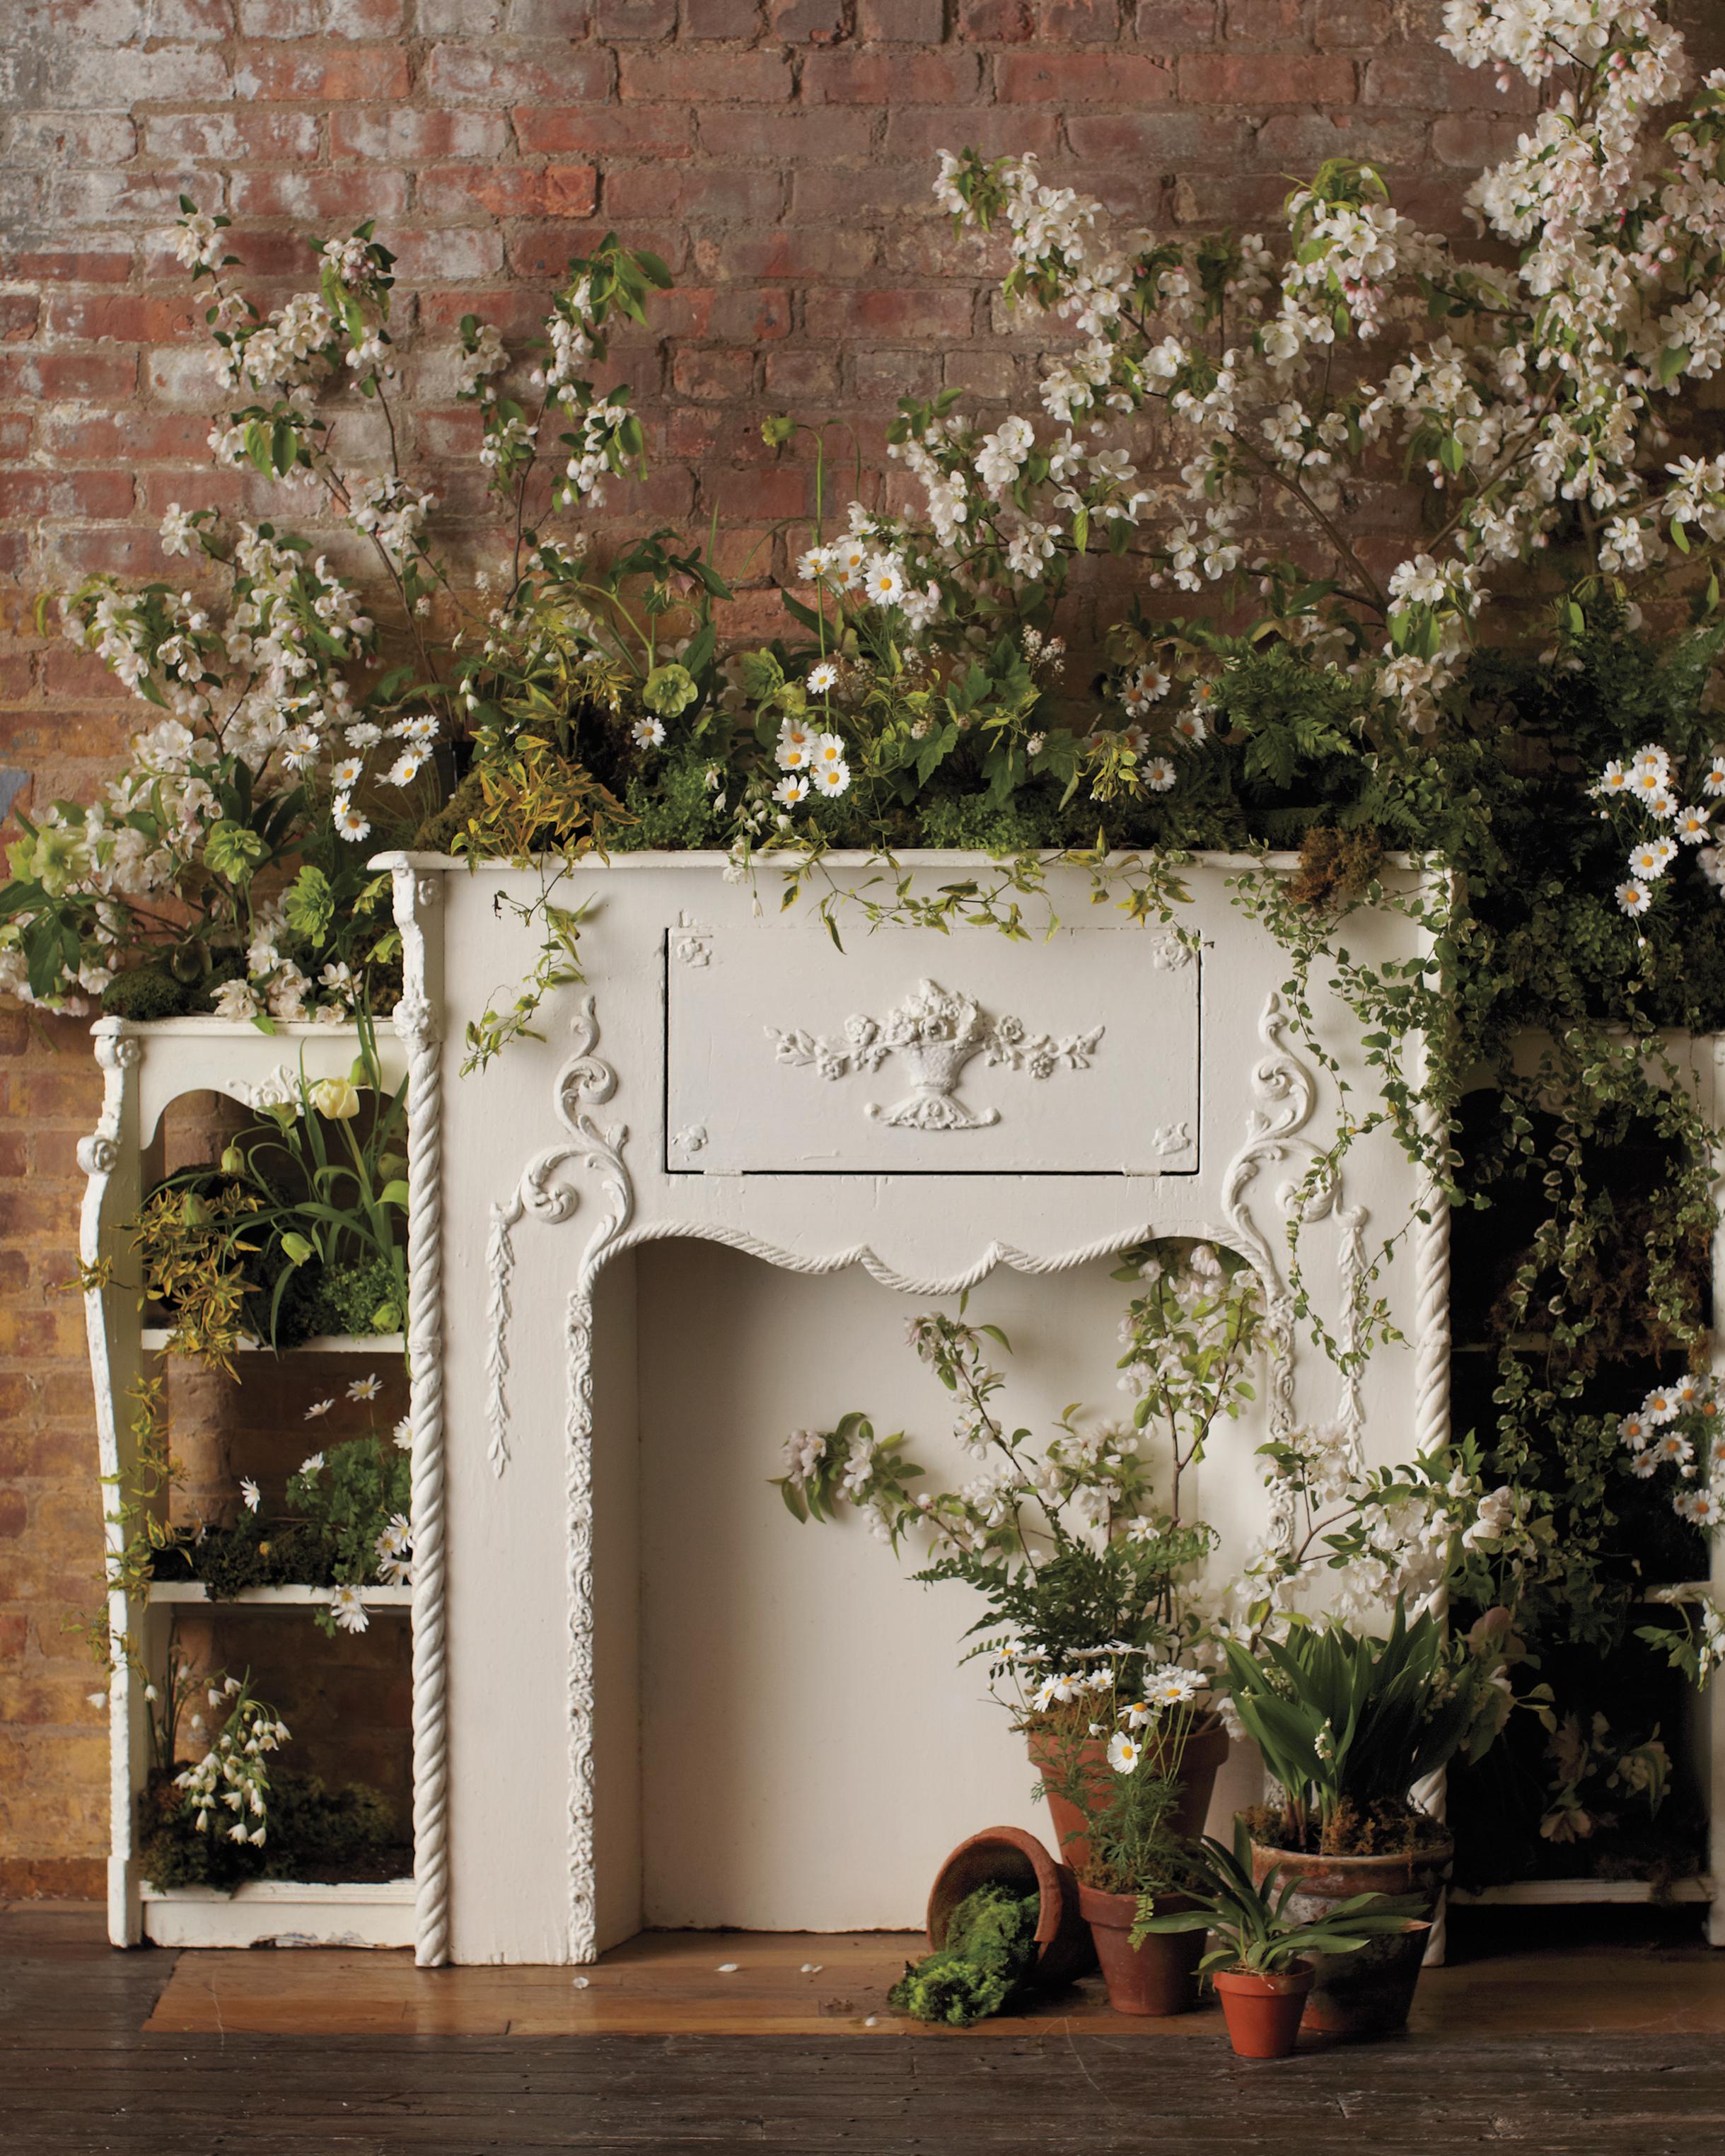 flower-mantle-display-319-mwd110211.jpg